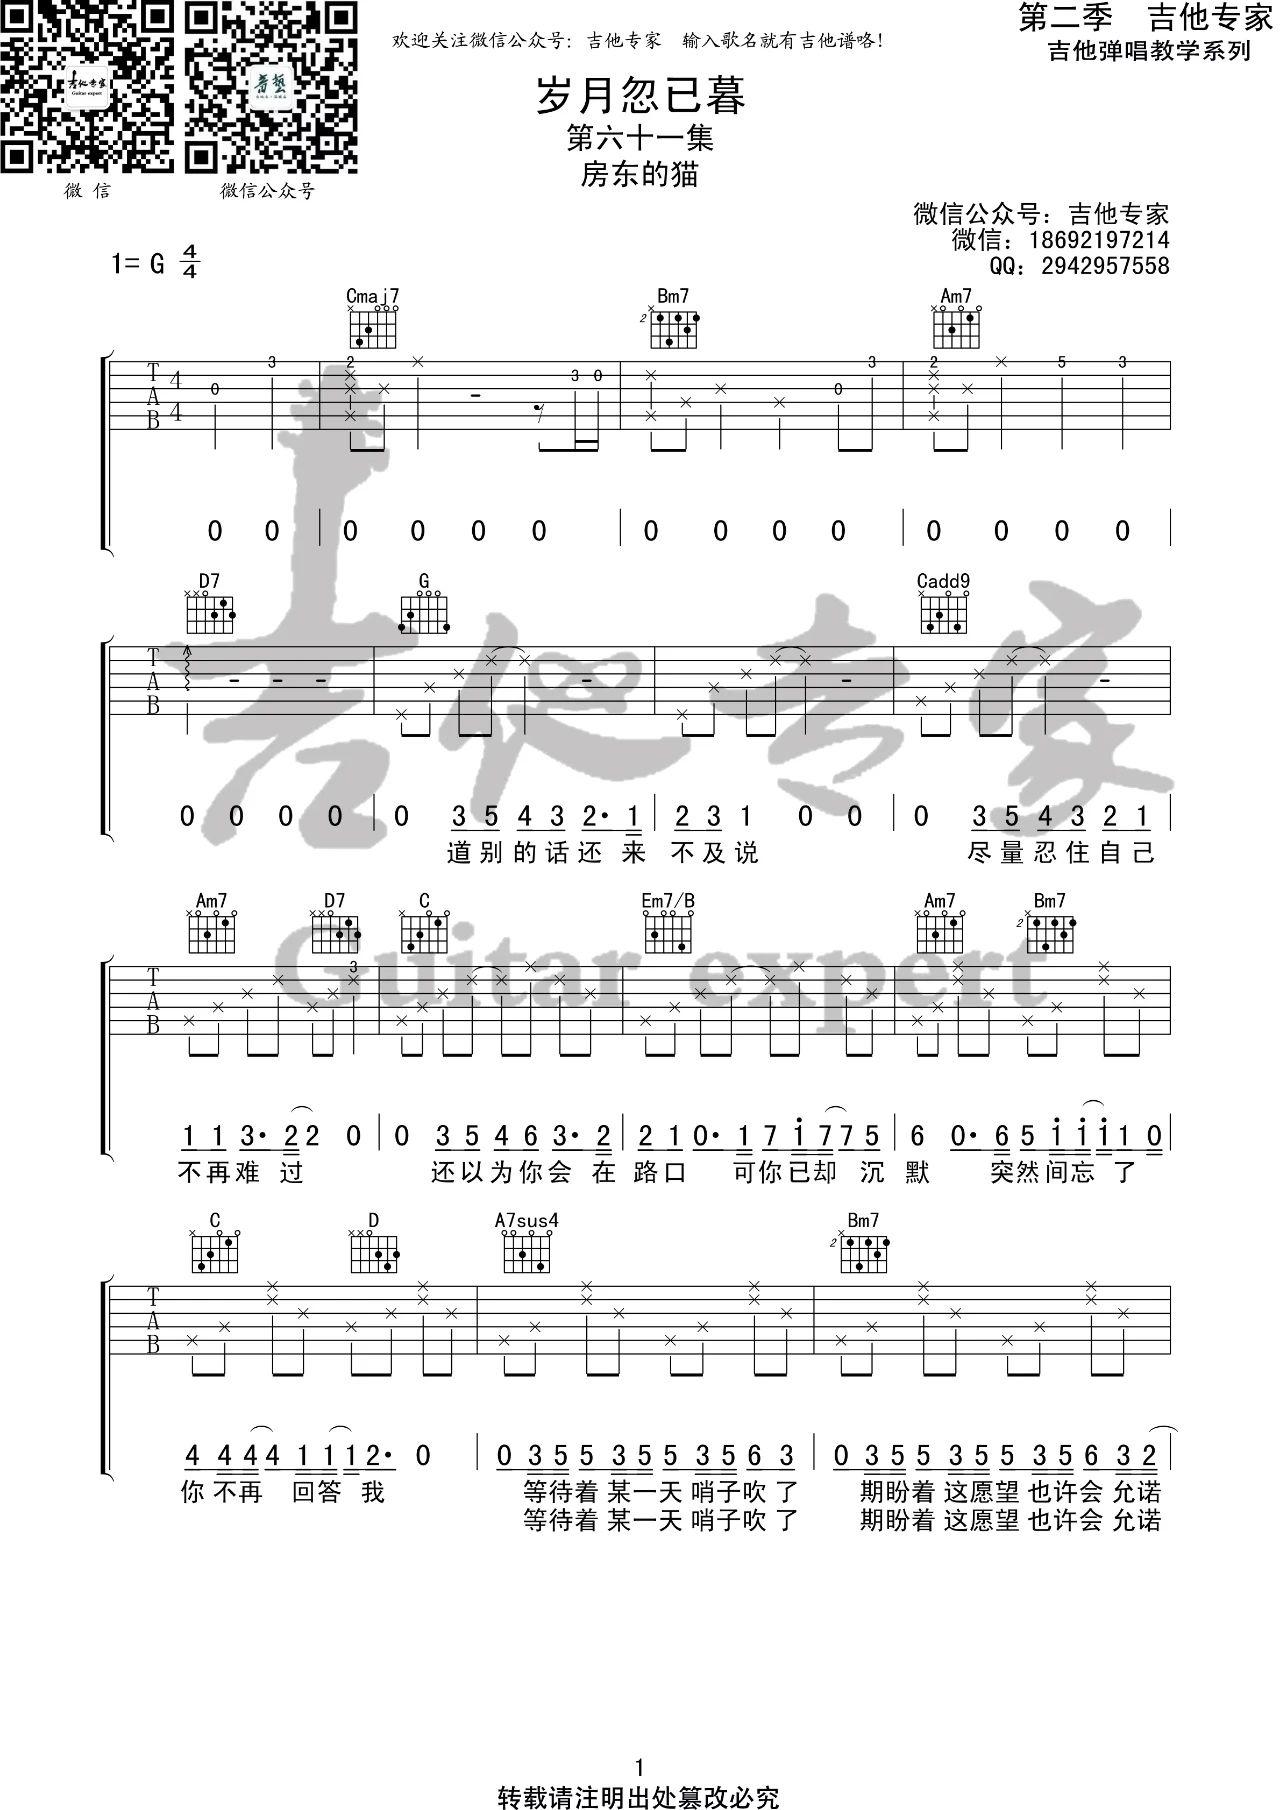 吉他派岁月忽已暮吉他谱-1